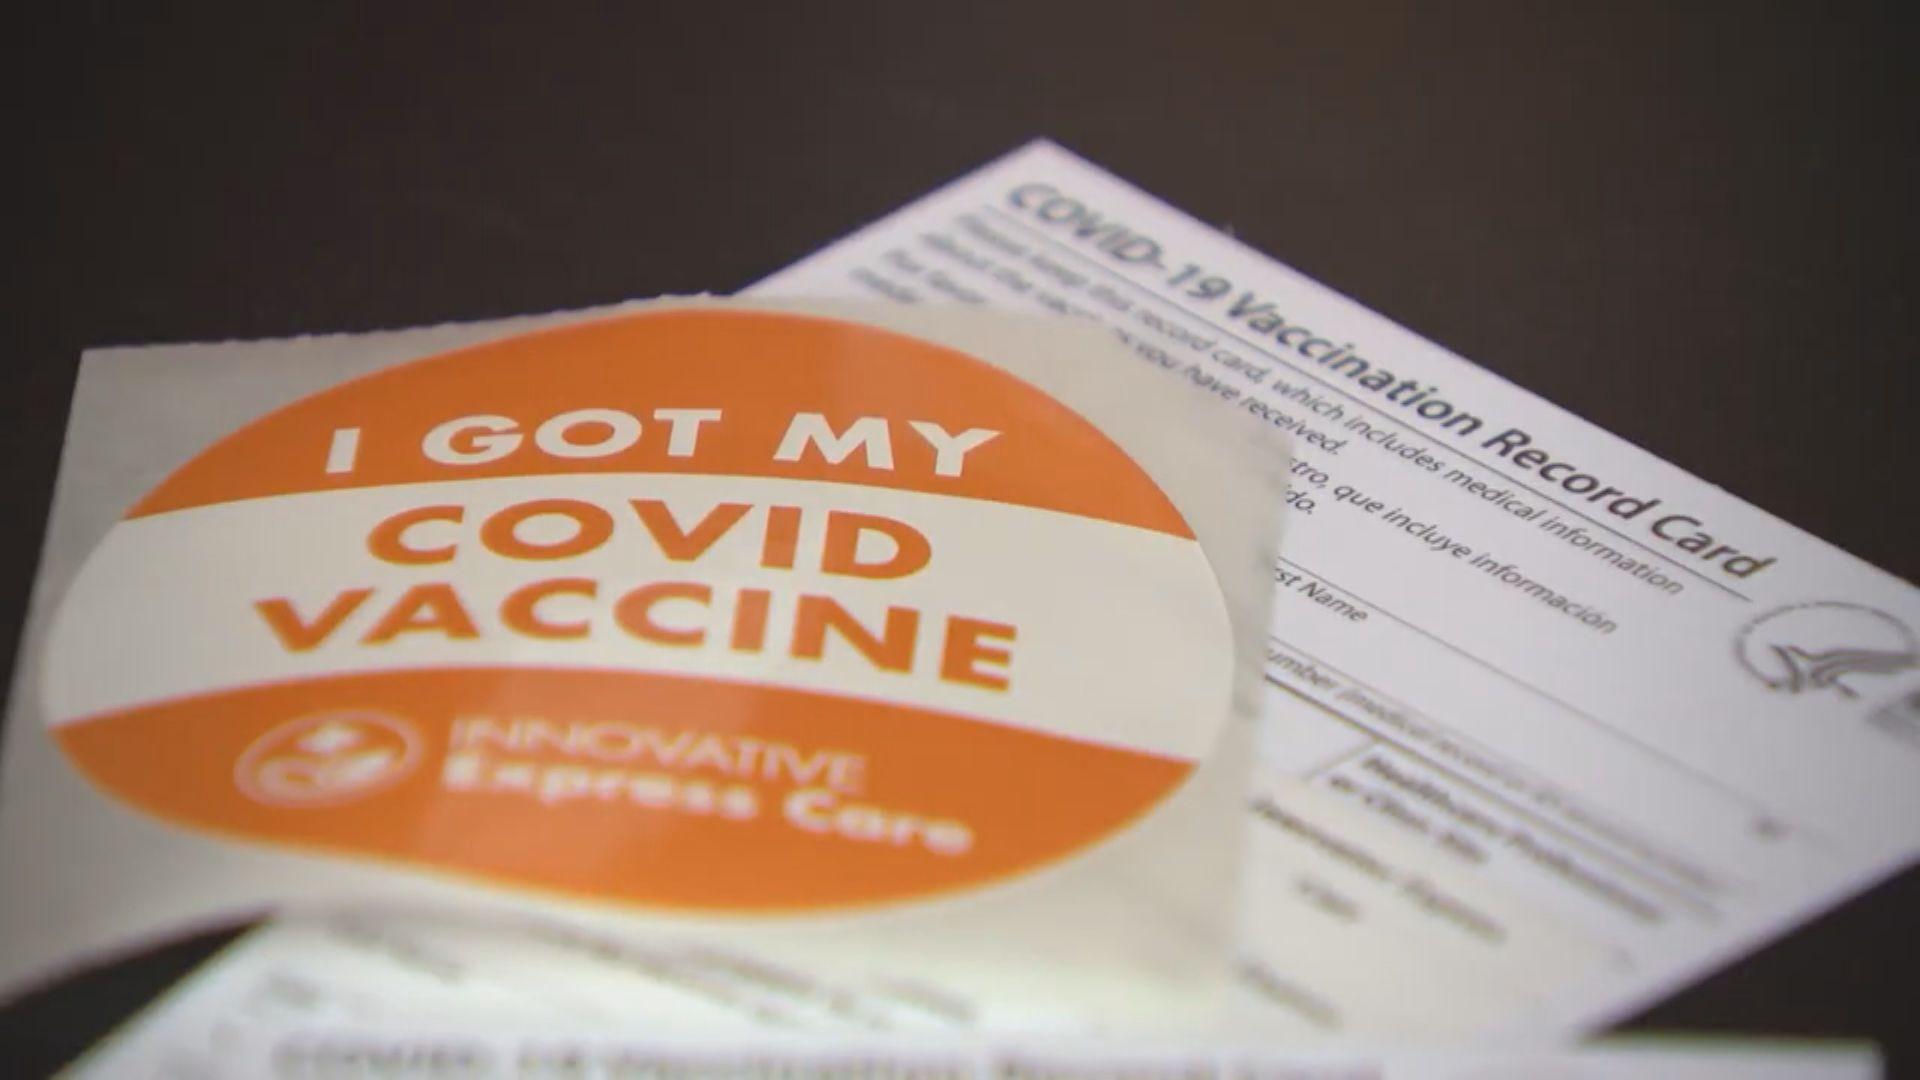 美國有人網上出售疫苗紀錄卡 被質疑容易造假